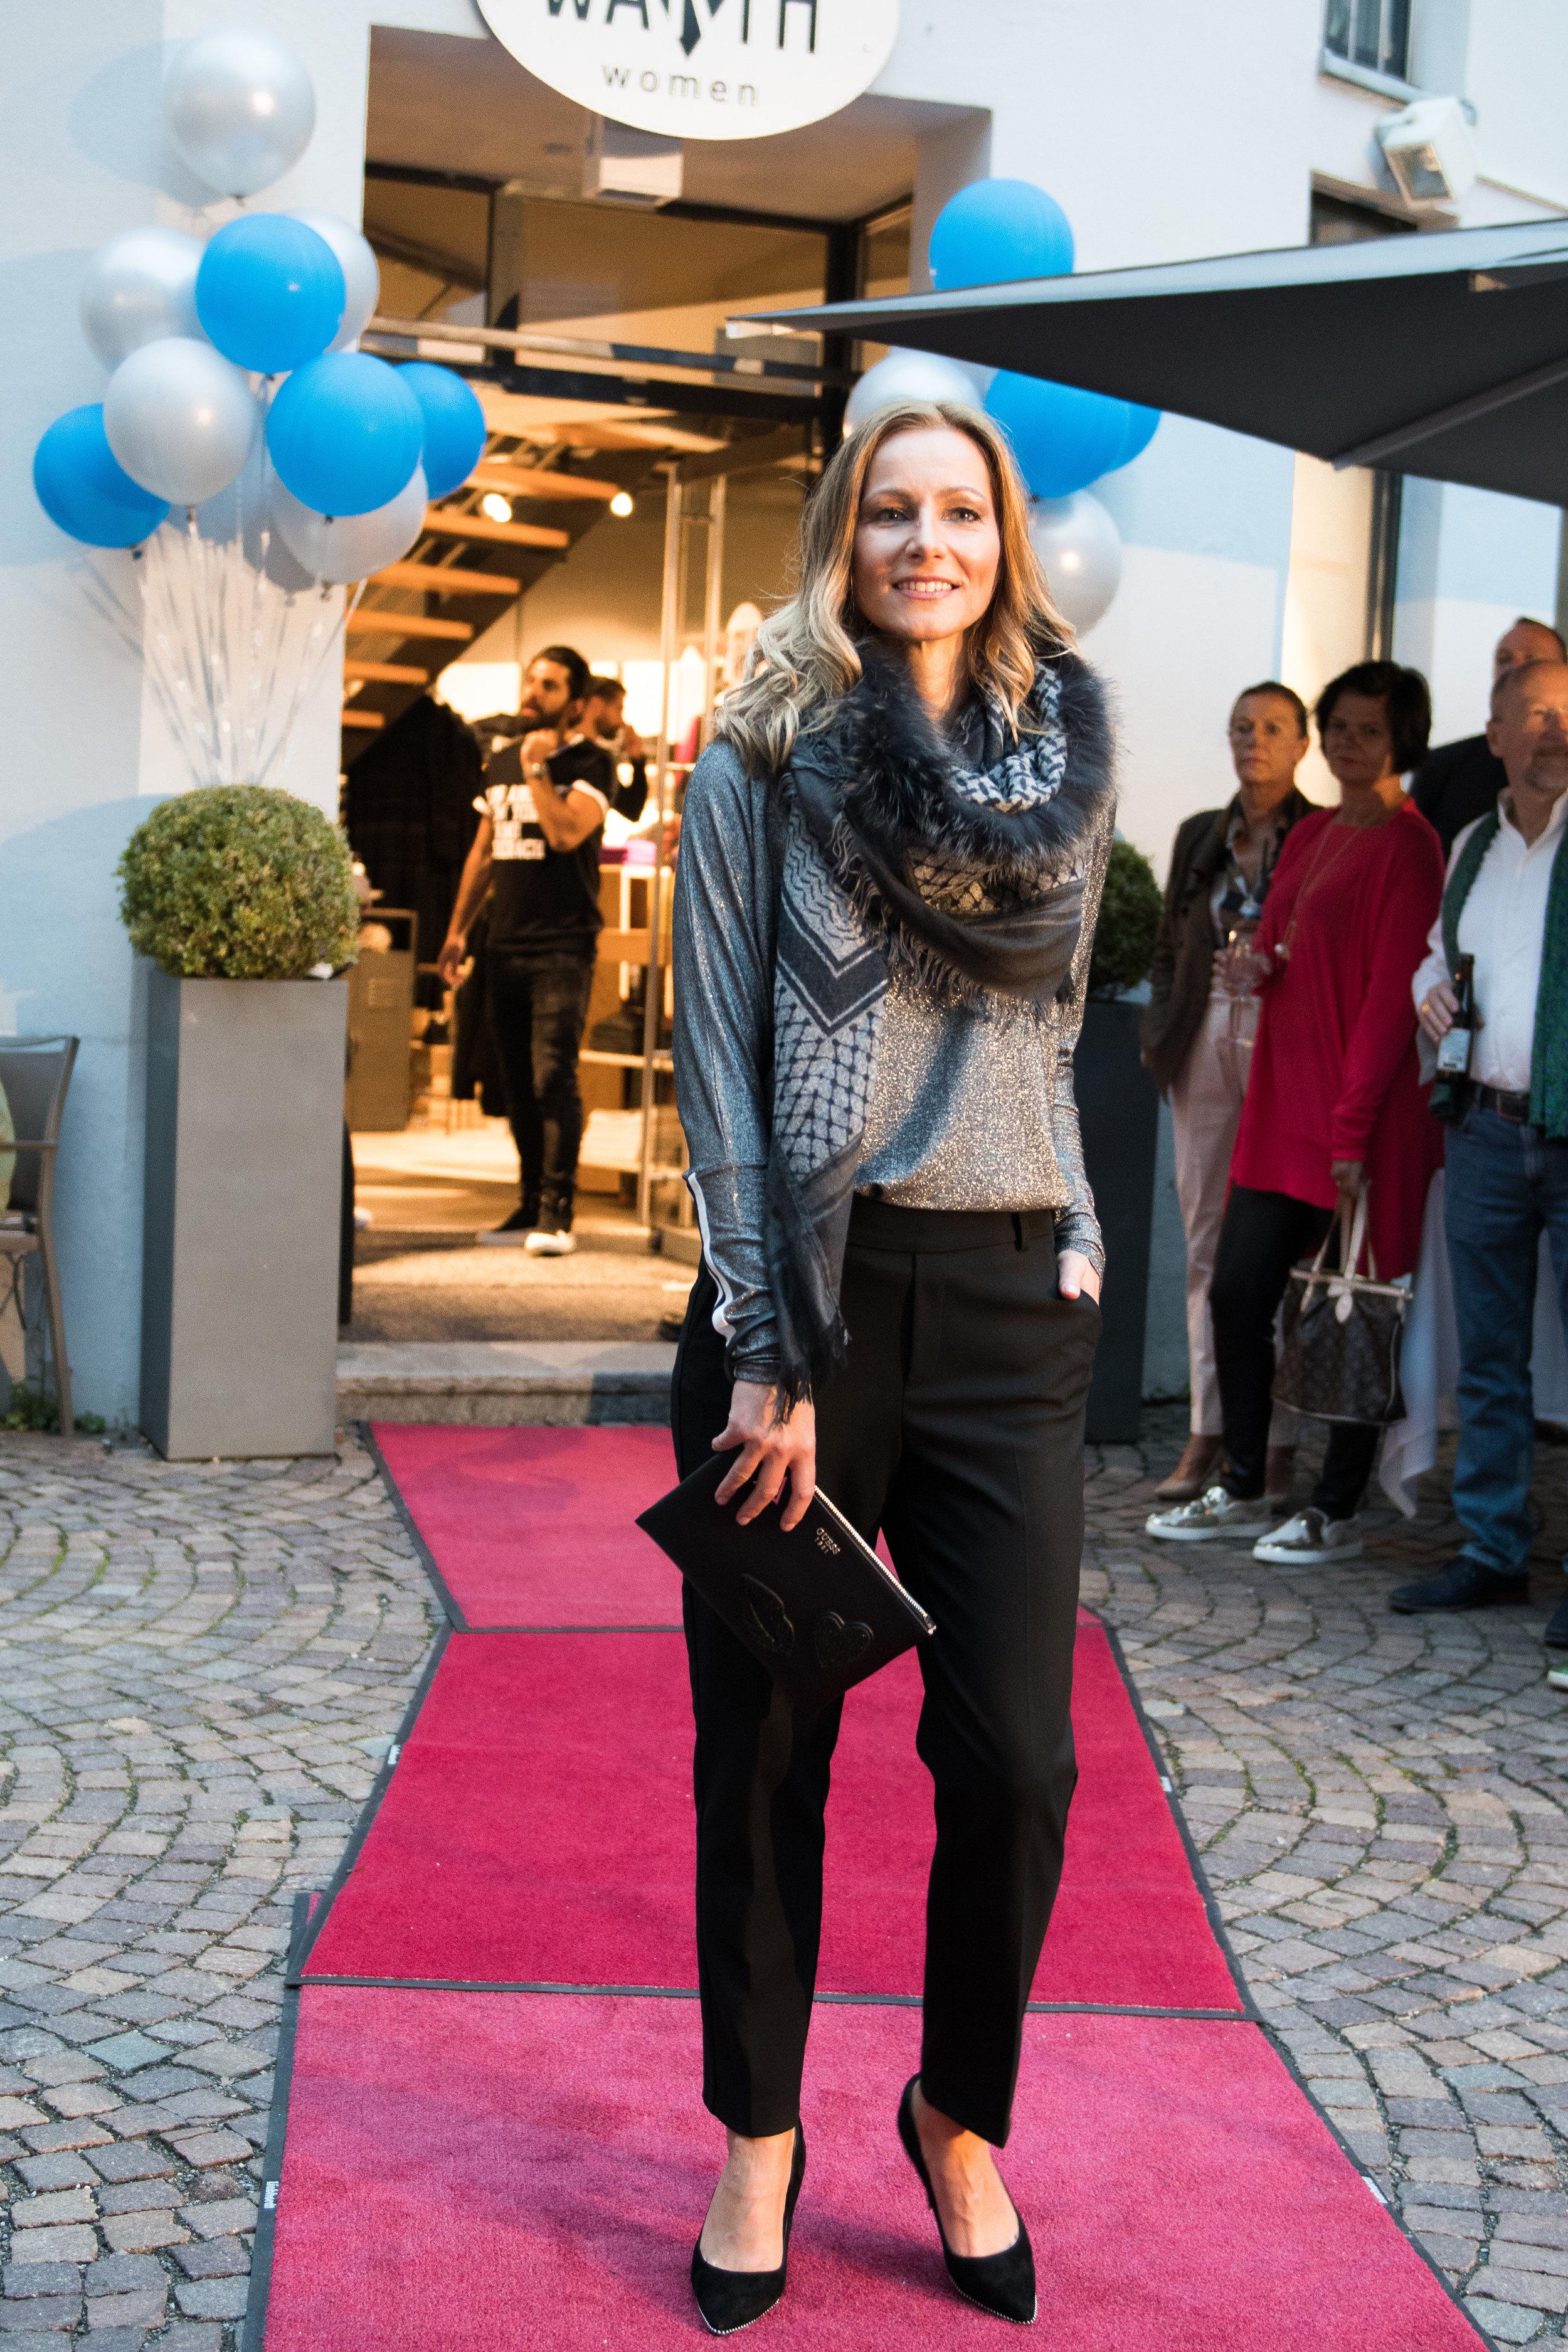 Fashionshowbackstage_81.jpg